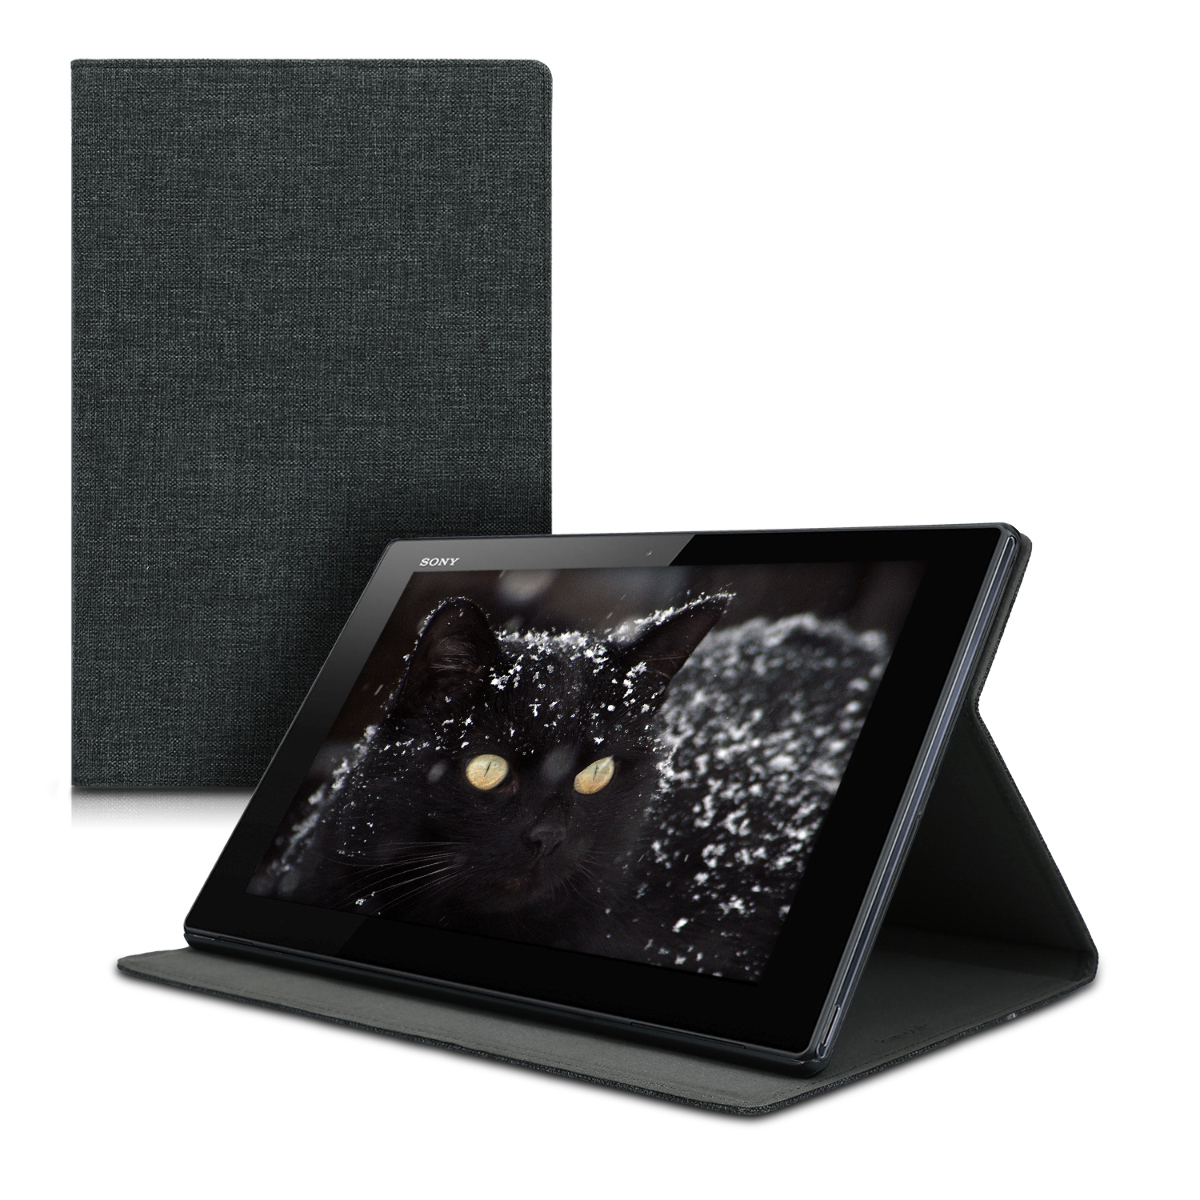 KW Θήκη Πορτοφόλι Sony Xperia Tablet Z4  - Dark Grey (49002.19)